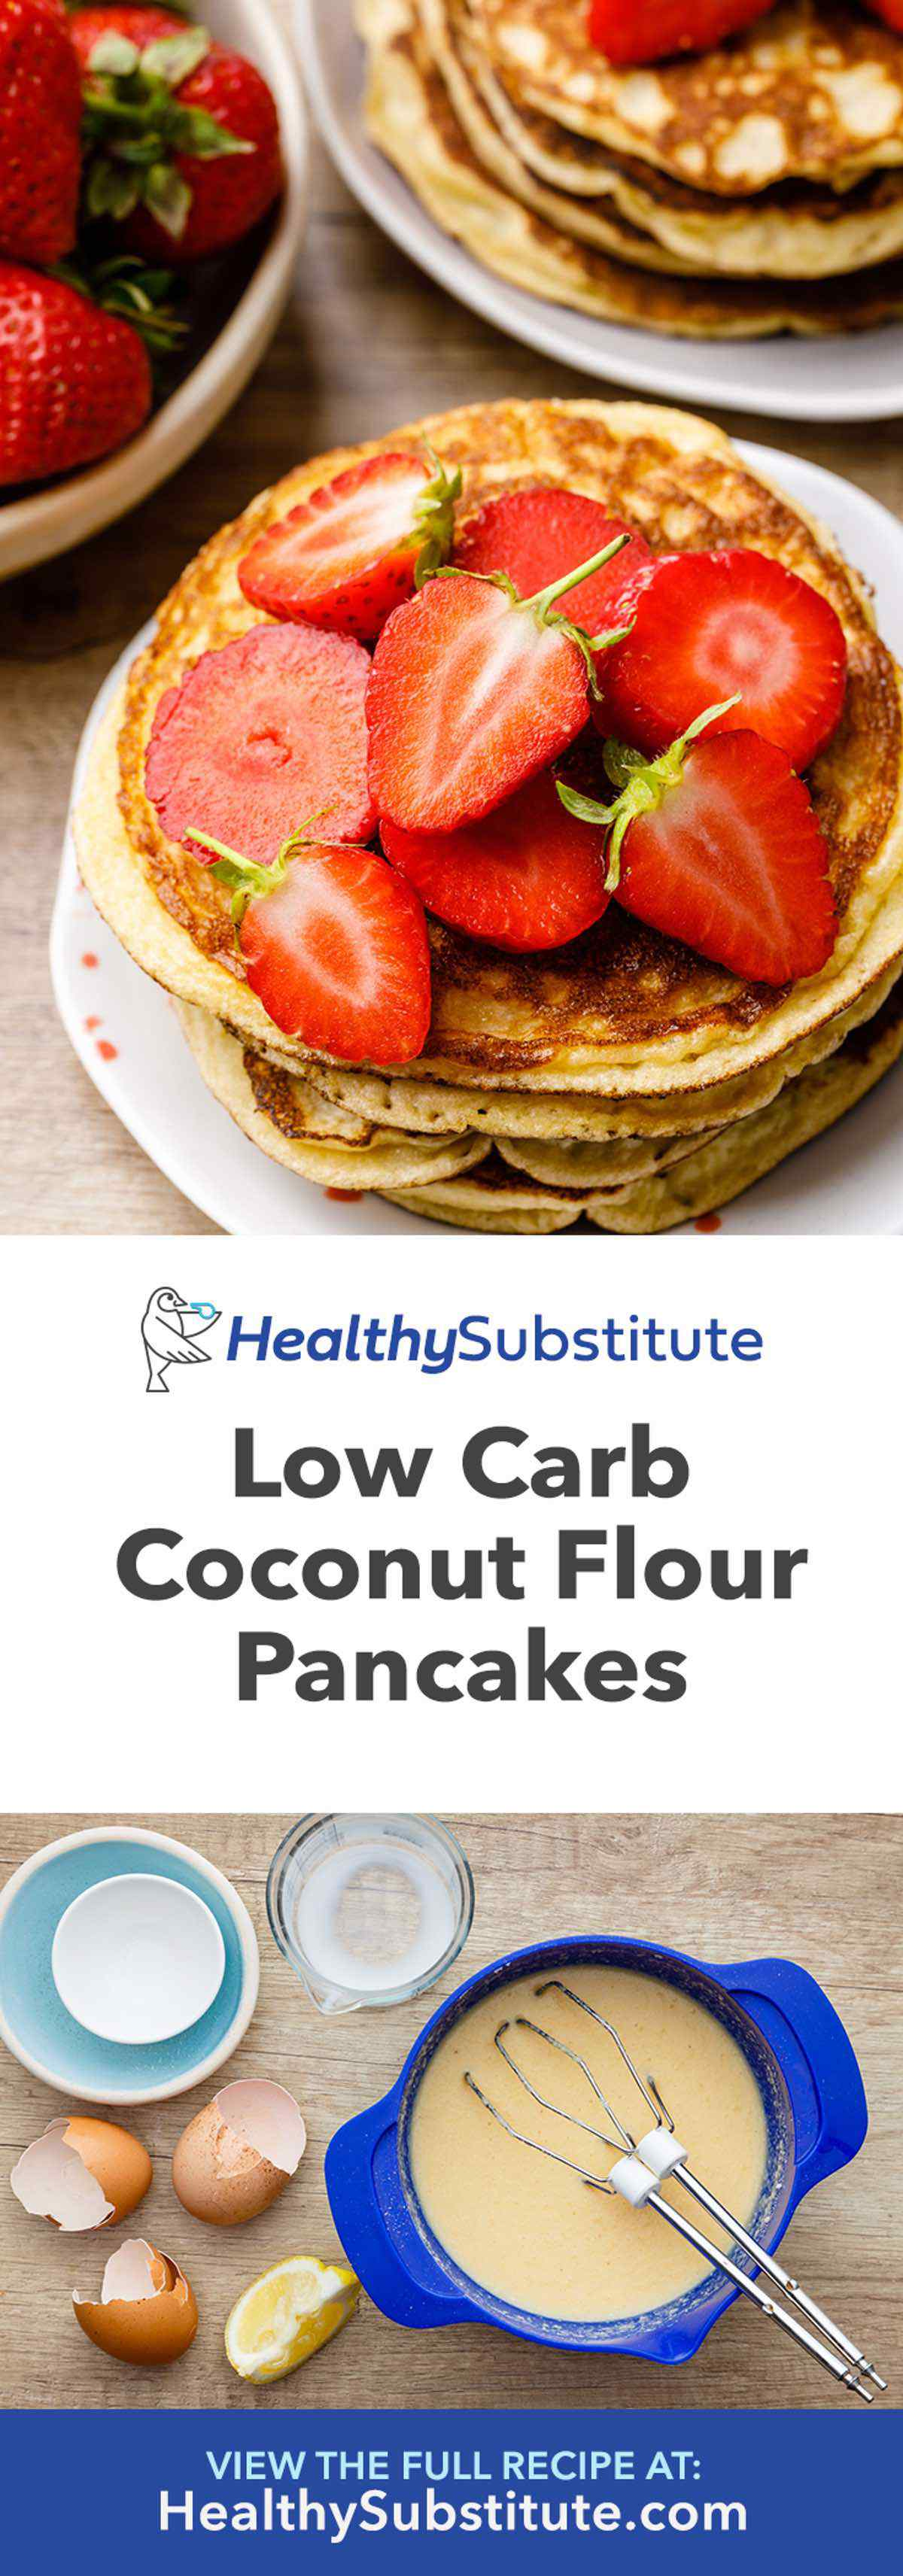 Low Carb Coconut Flour Pancakes